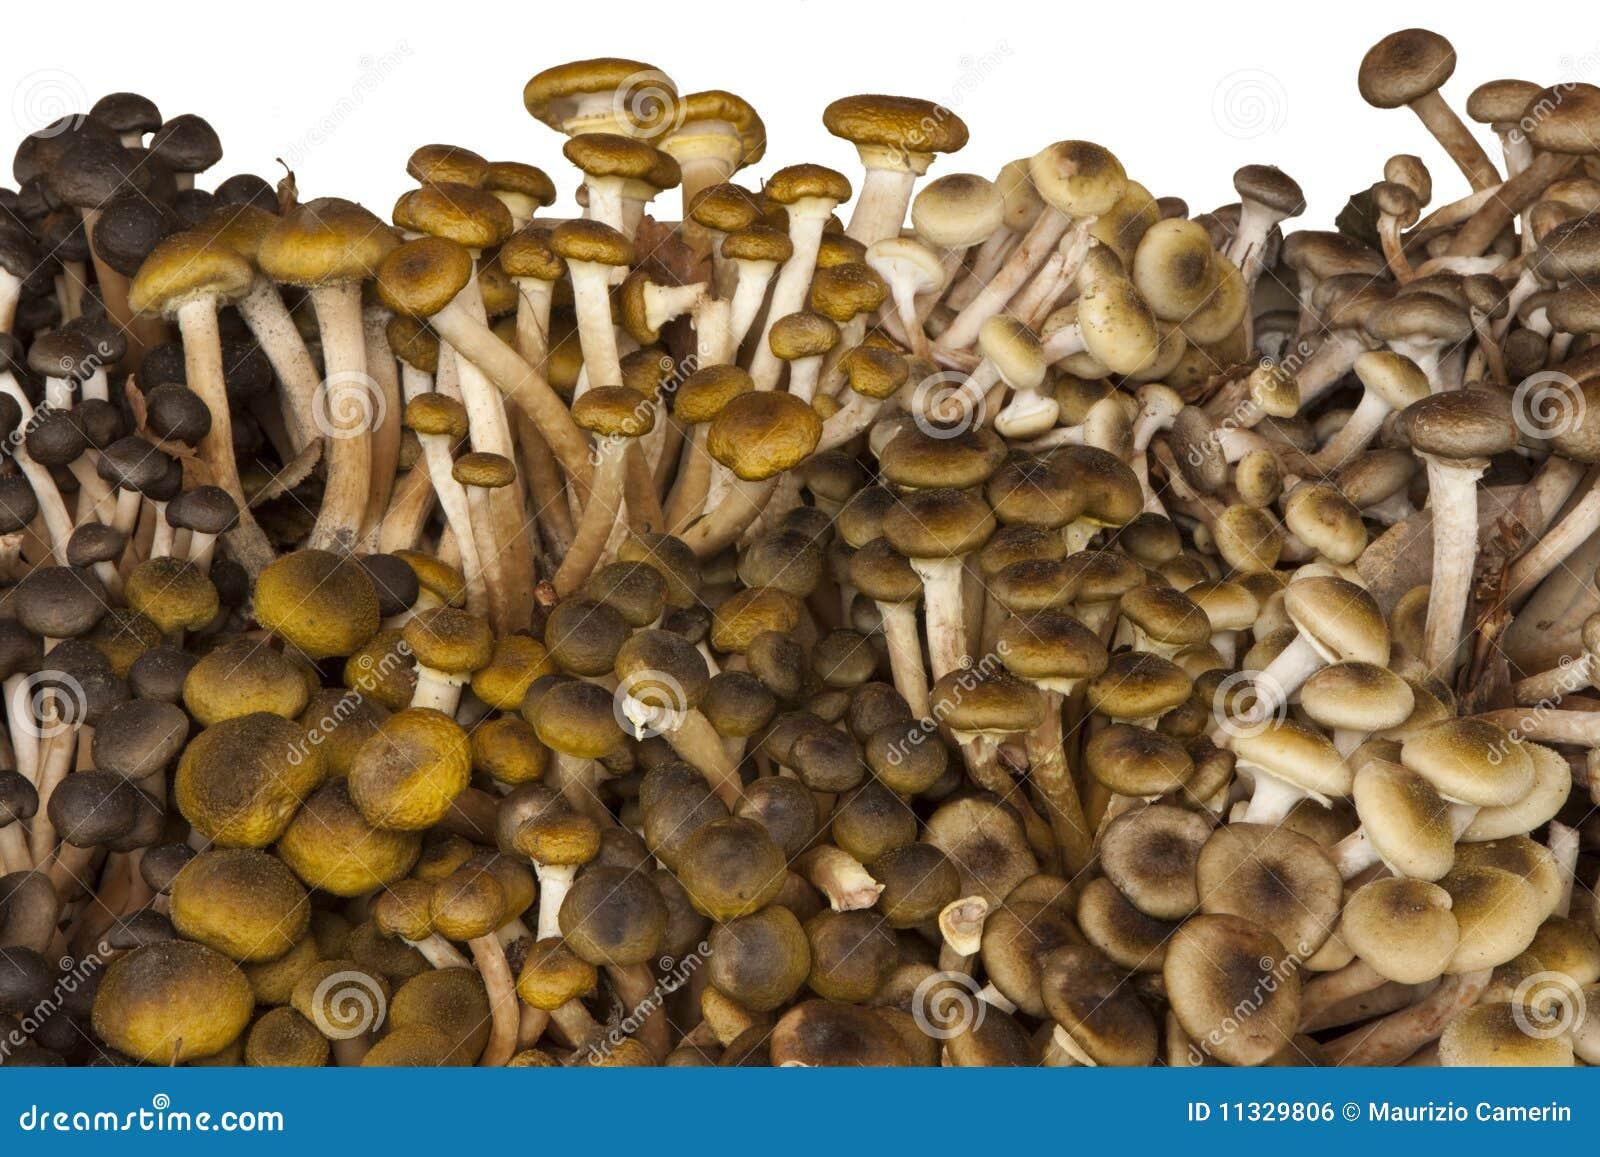 Se è possibile guarire unghie diodio da una posizione di fungo